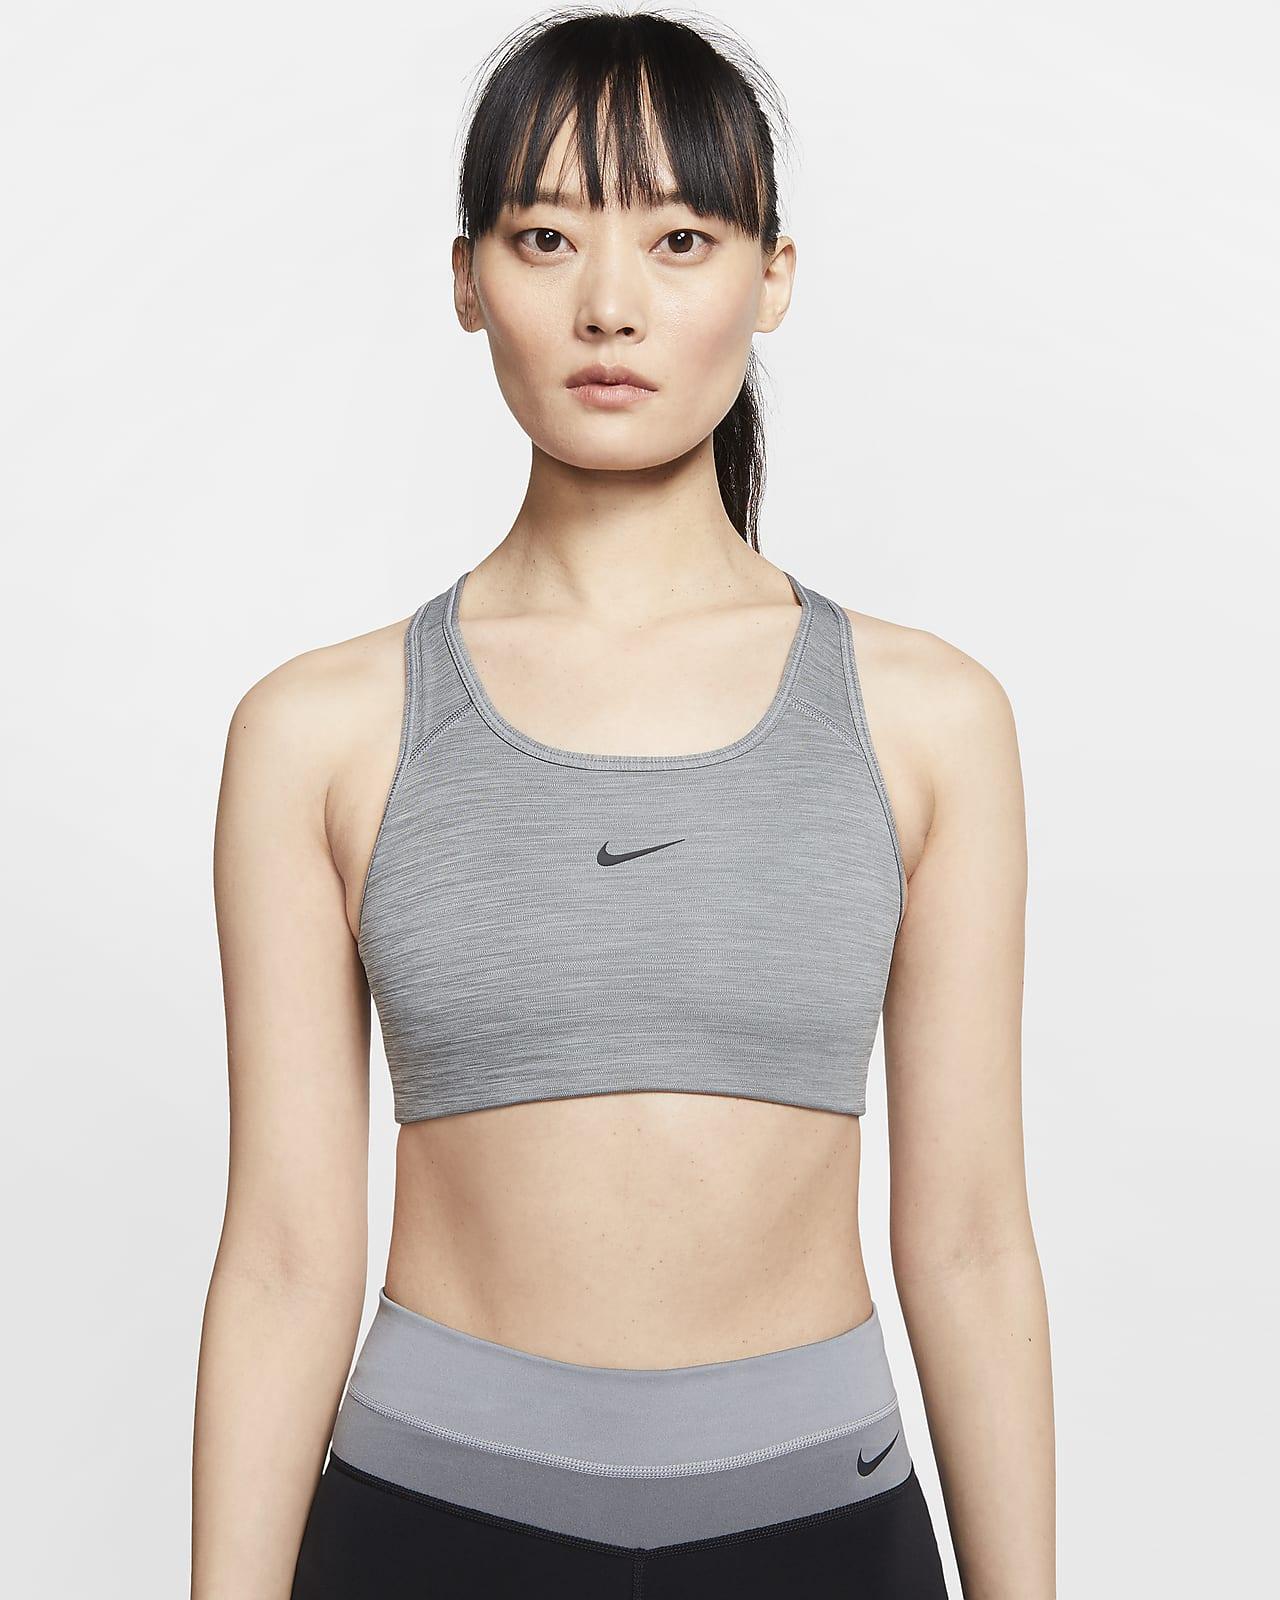 Sujetador deportivo de sujeción media con almohadilla de una sola pieza para mujer Nike Dri-FIT Swoosh